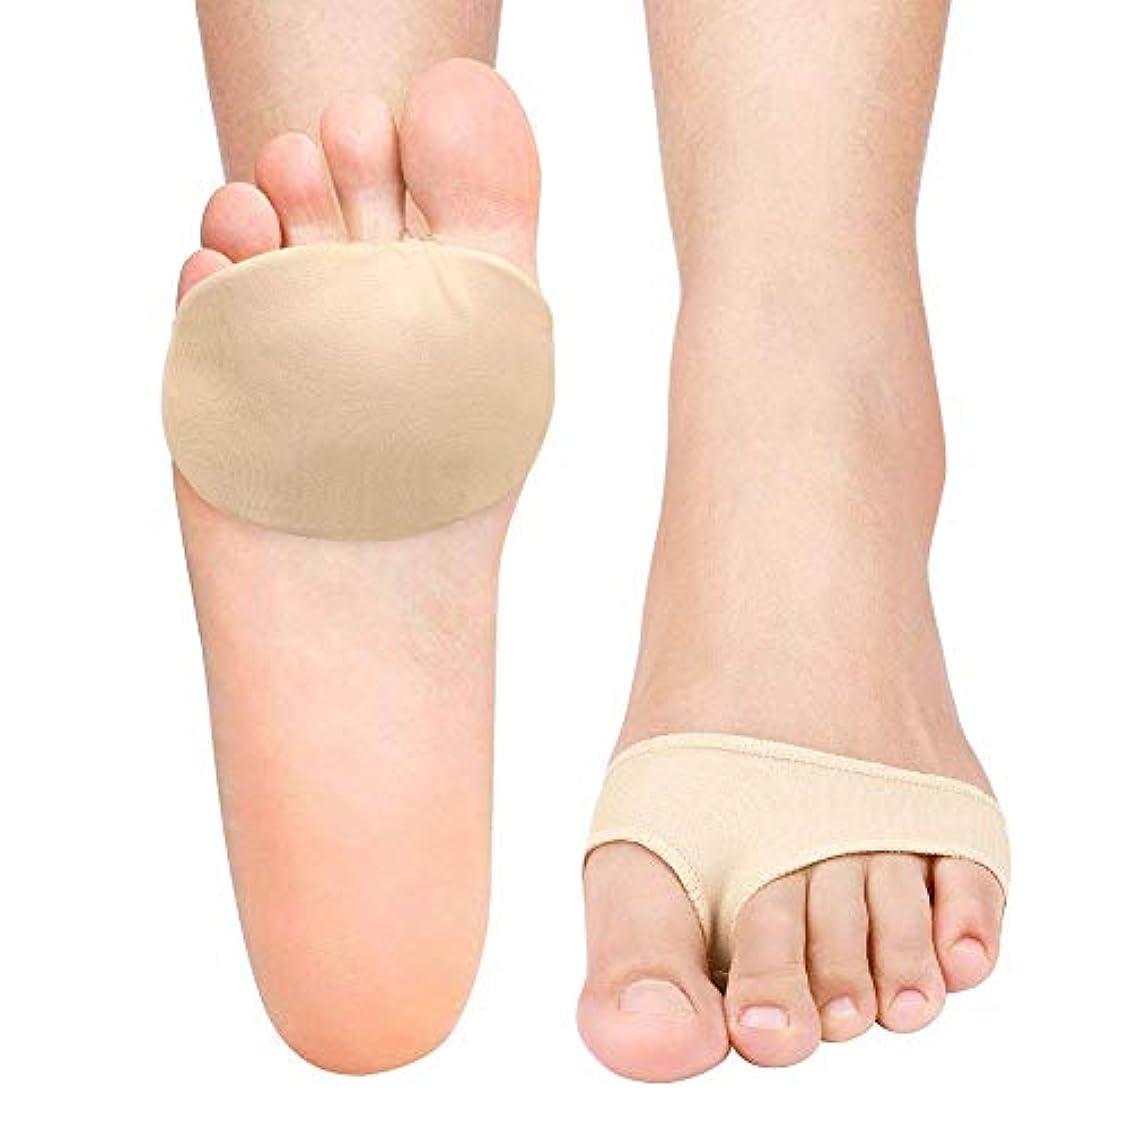 生き残りウルル日食Yosoo 足裏保護パッド 足裏 保護 サポーター 前ズレ防止 つま先の痛み緩和 柔らかい つま先ジェルクッション シリコン フリーサイズ 2個入り